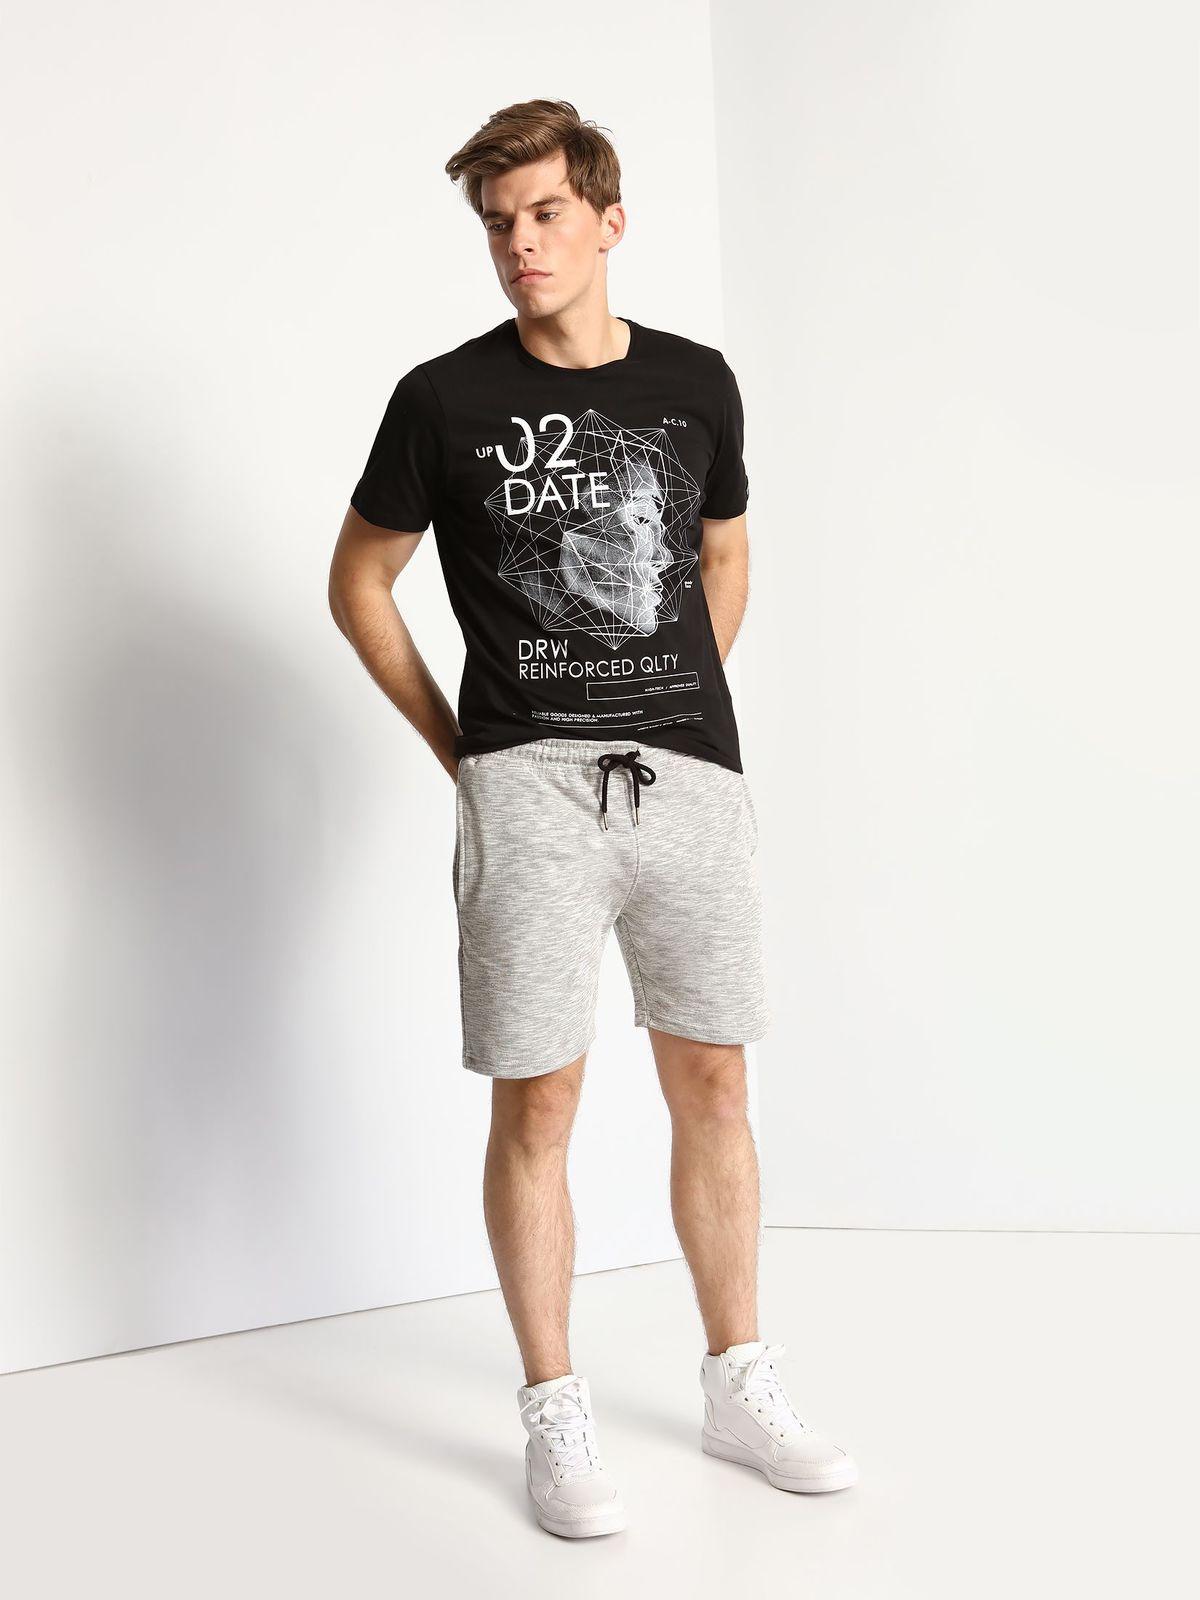 DPO0282CAМужская футболка Drywash выполнена из натурального хлопка. Модель с круглым вырезом горловины и короткими рукавами. Футболка оформлена оригинальной термоаппликацией и принтовыми надписями на английском языке.